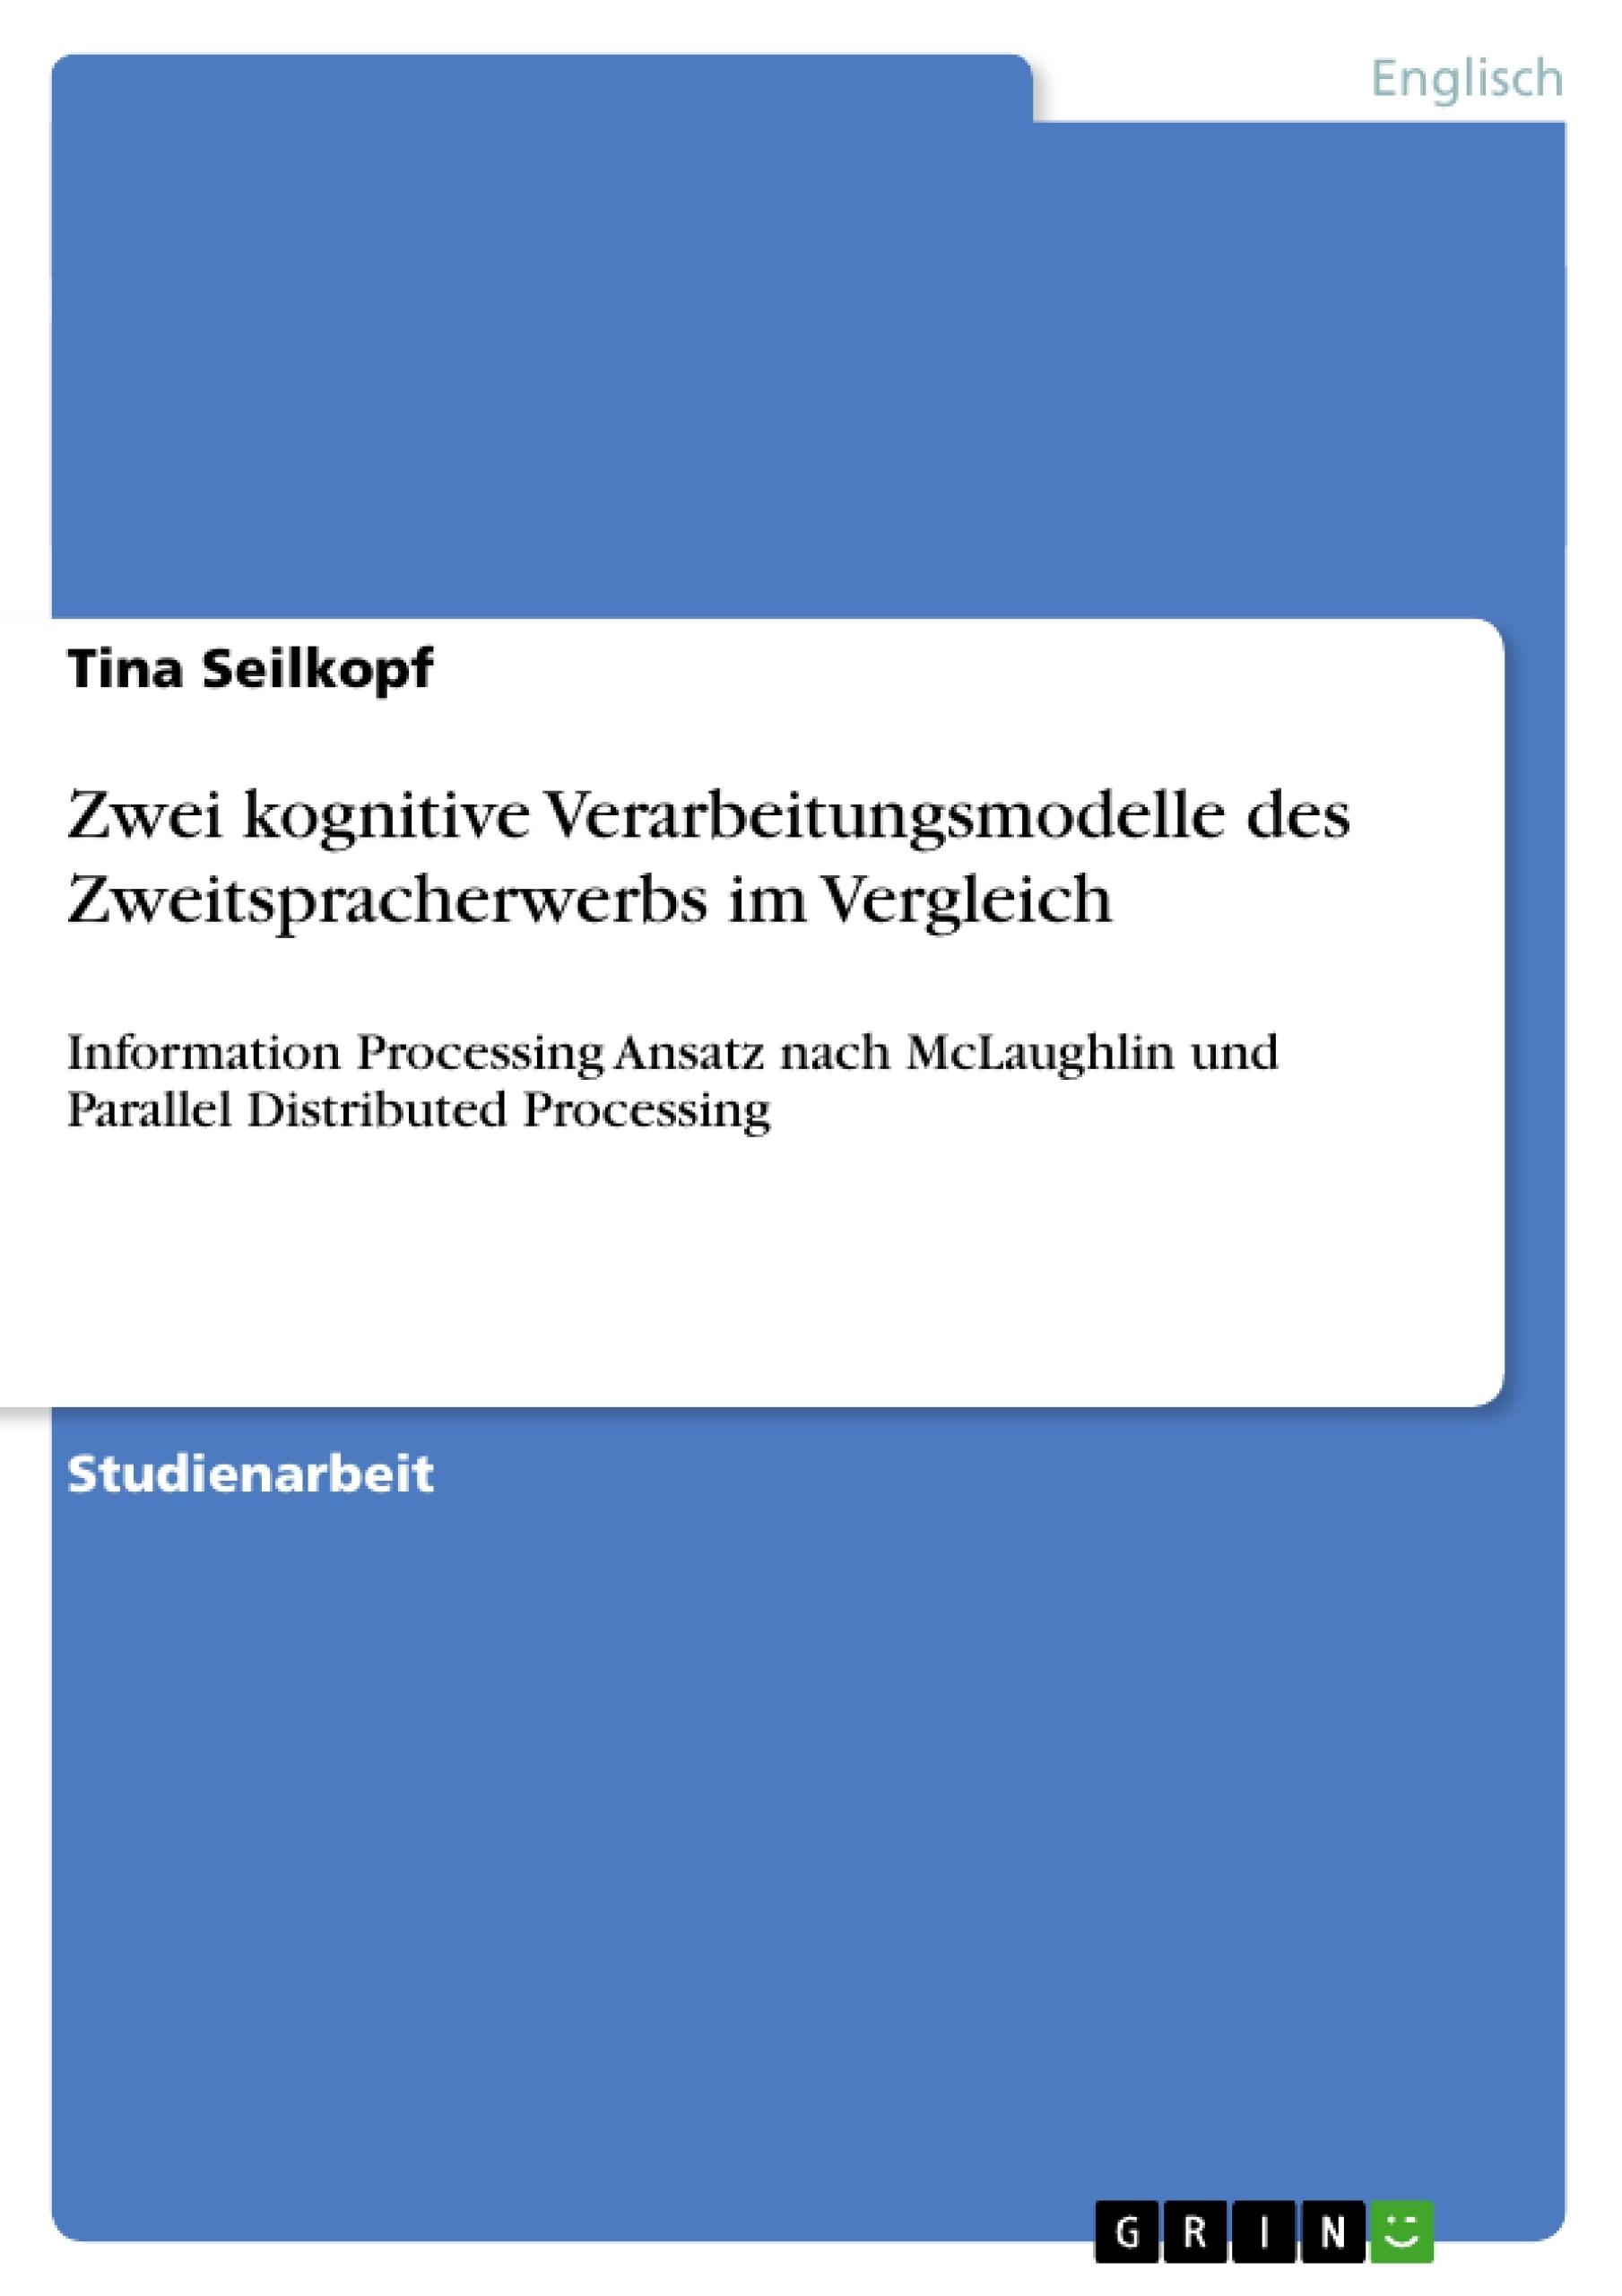 Titel: Zwei kognitive Verarbeitungsmodelle des Zweitspracherwerbs im Vergleich